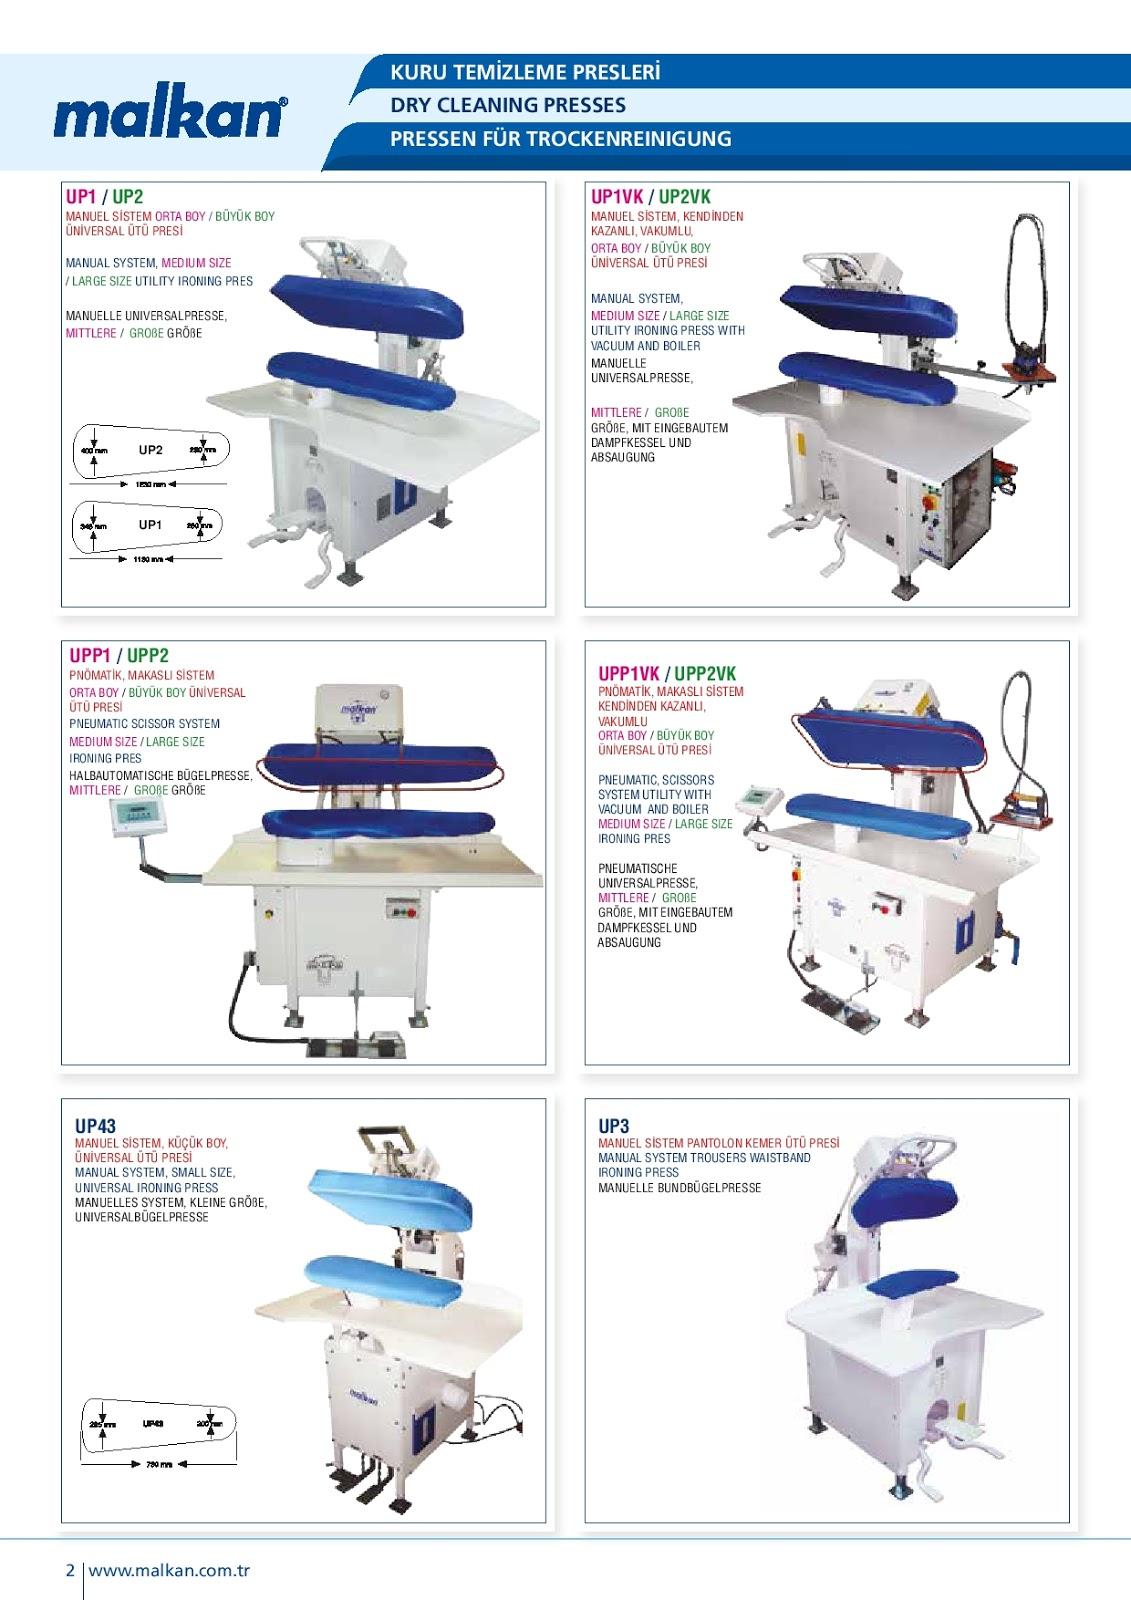 Máy là ép sử dụng trong nghành giặt khô